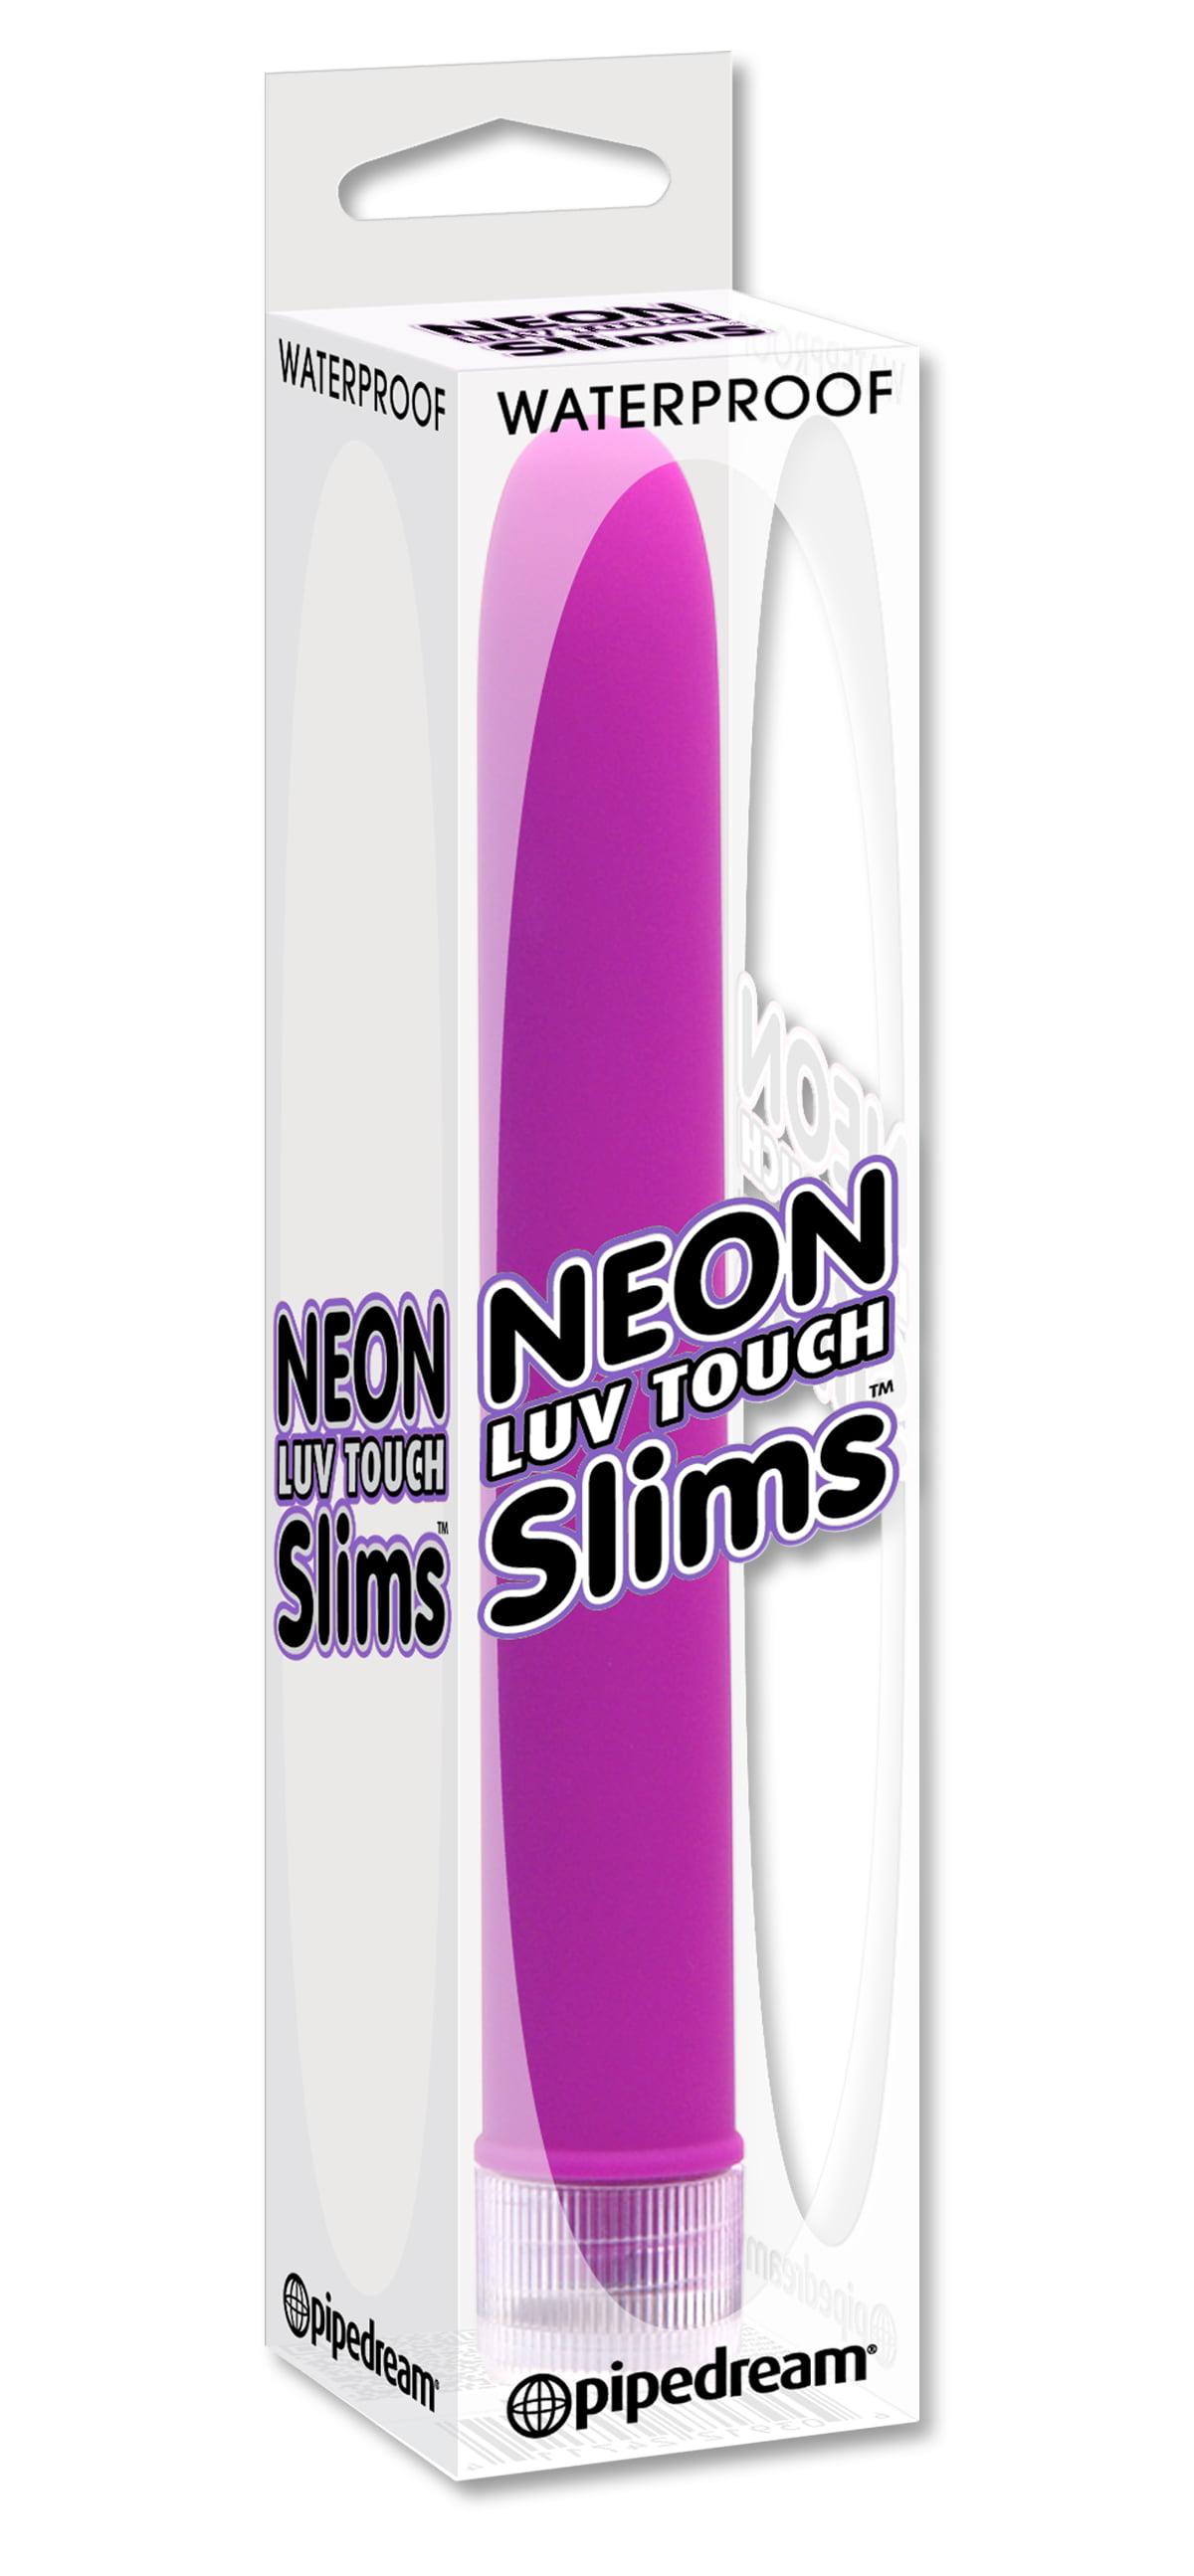 Vibrador Personal Neon Luv Touch Slims Roxo